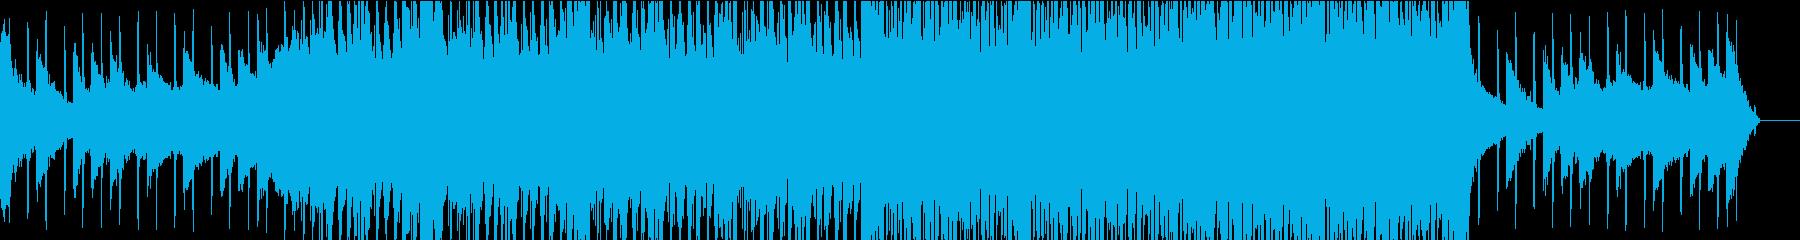 オシャレで抜群にクールなハウスの再生済みの波形